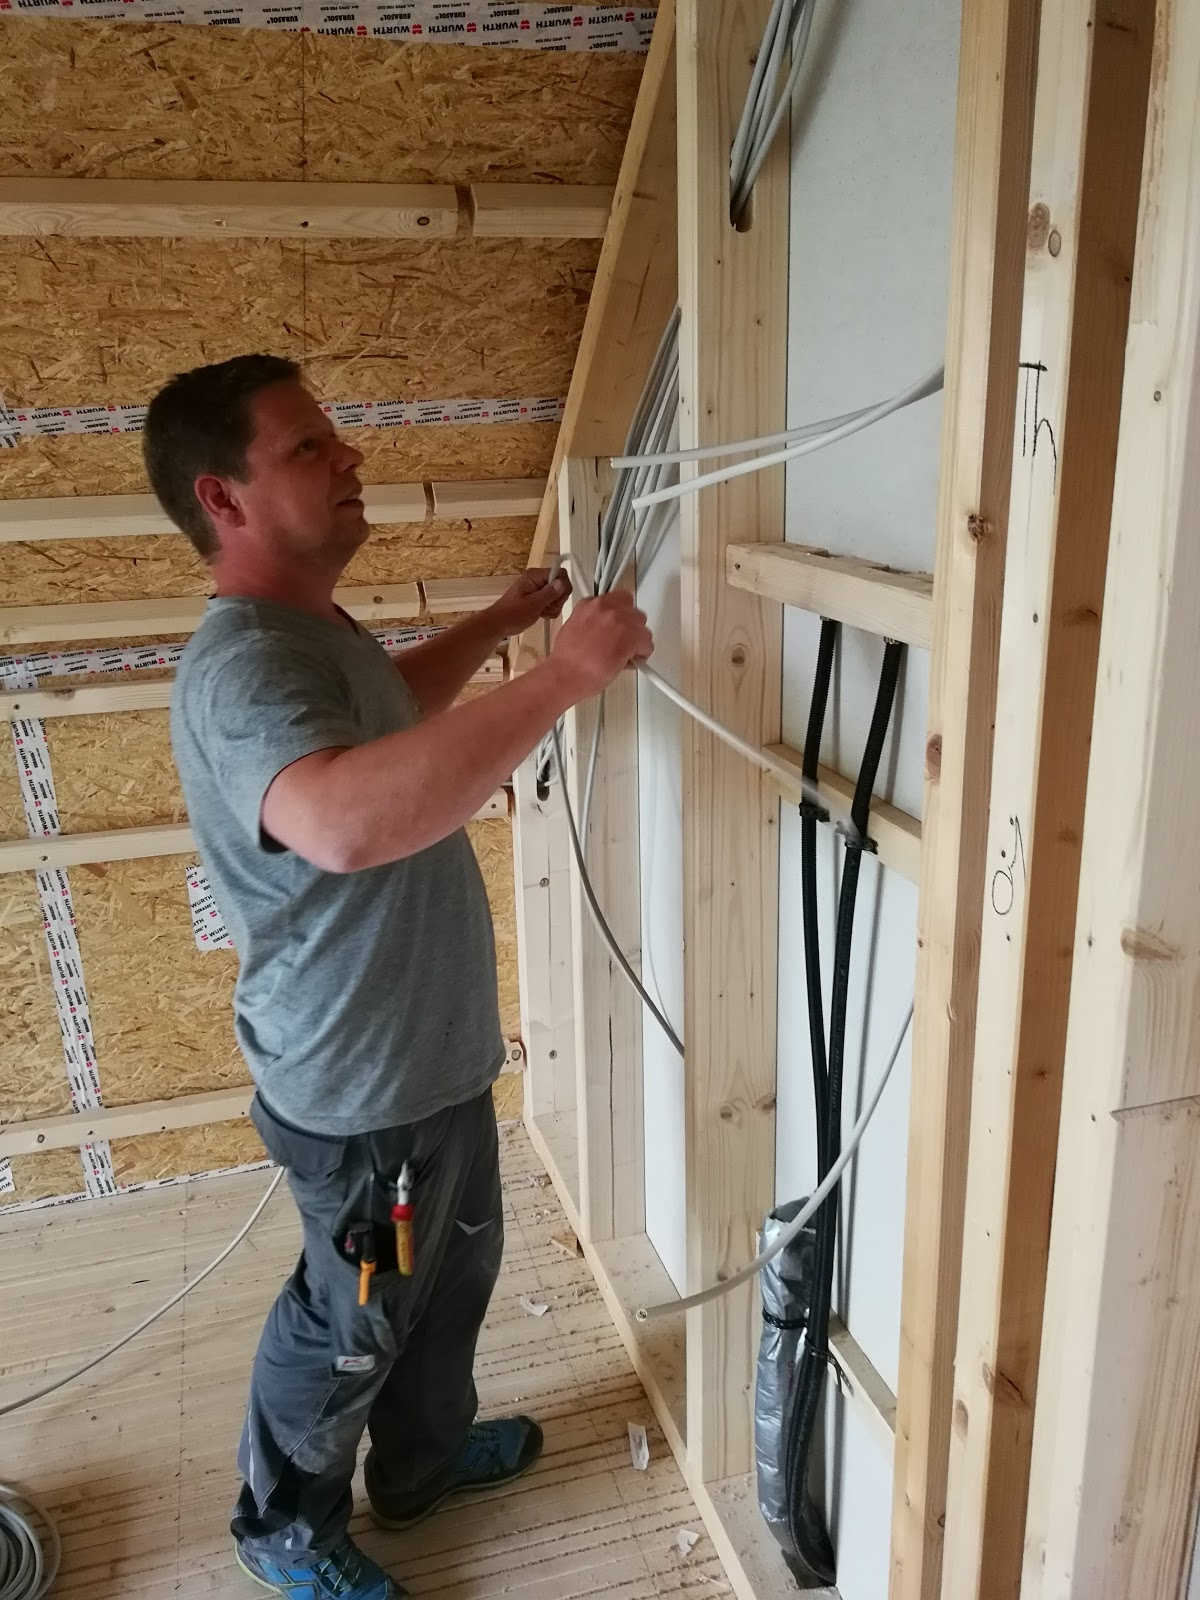 Abenteuer Hausbau Mit SZ Haus: KW 18: Elektroinstallation, Konterlattung Decke  Dämmen